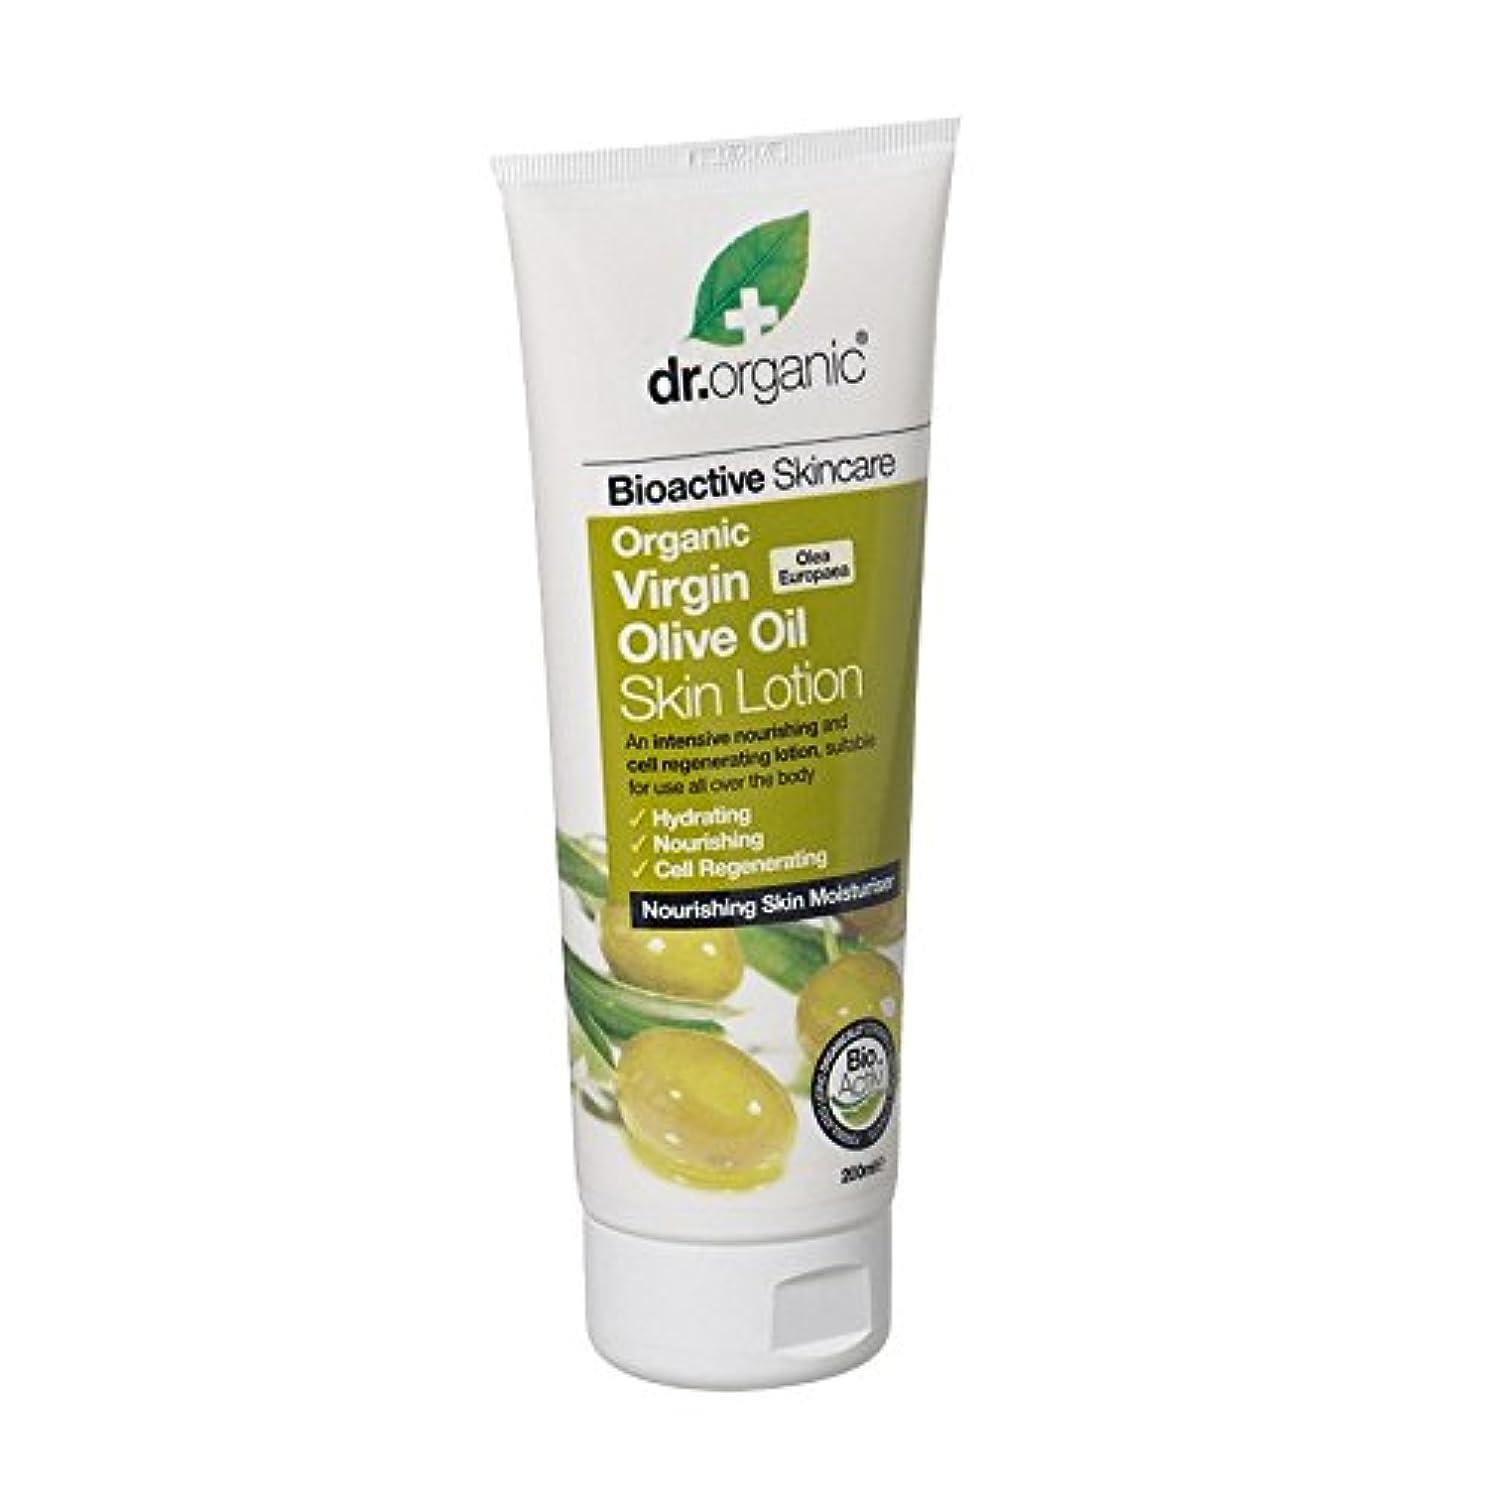 リスト交差点幾何学Dr Organic Virgin Olive Skin Lotion (Pack of 6) - Dr有機バージンオリーブスキンローション (x6) [並行輸入品]